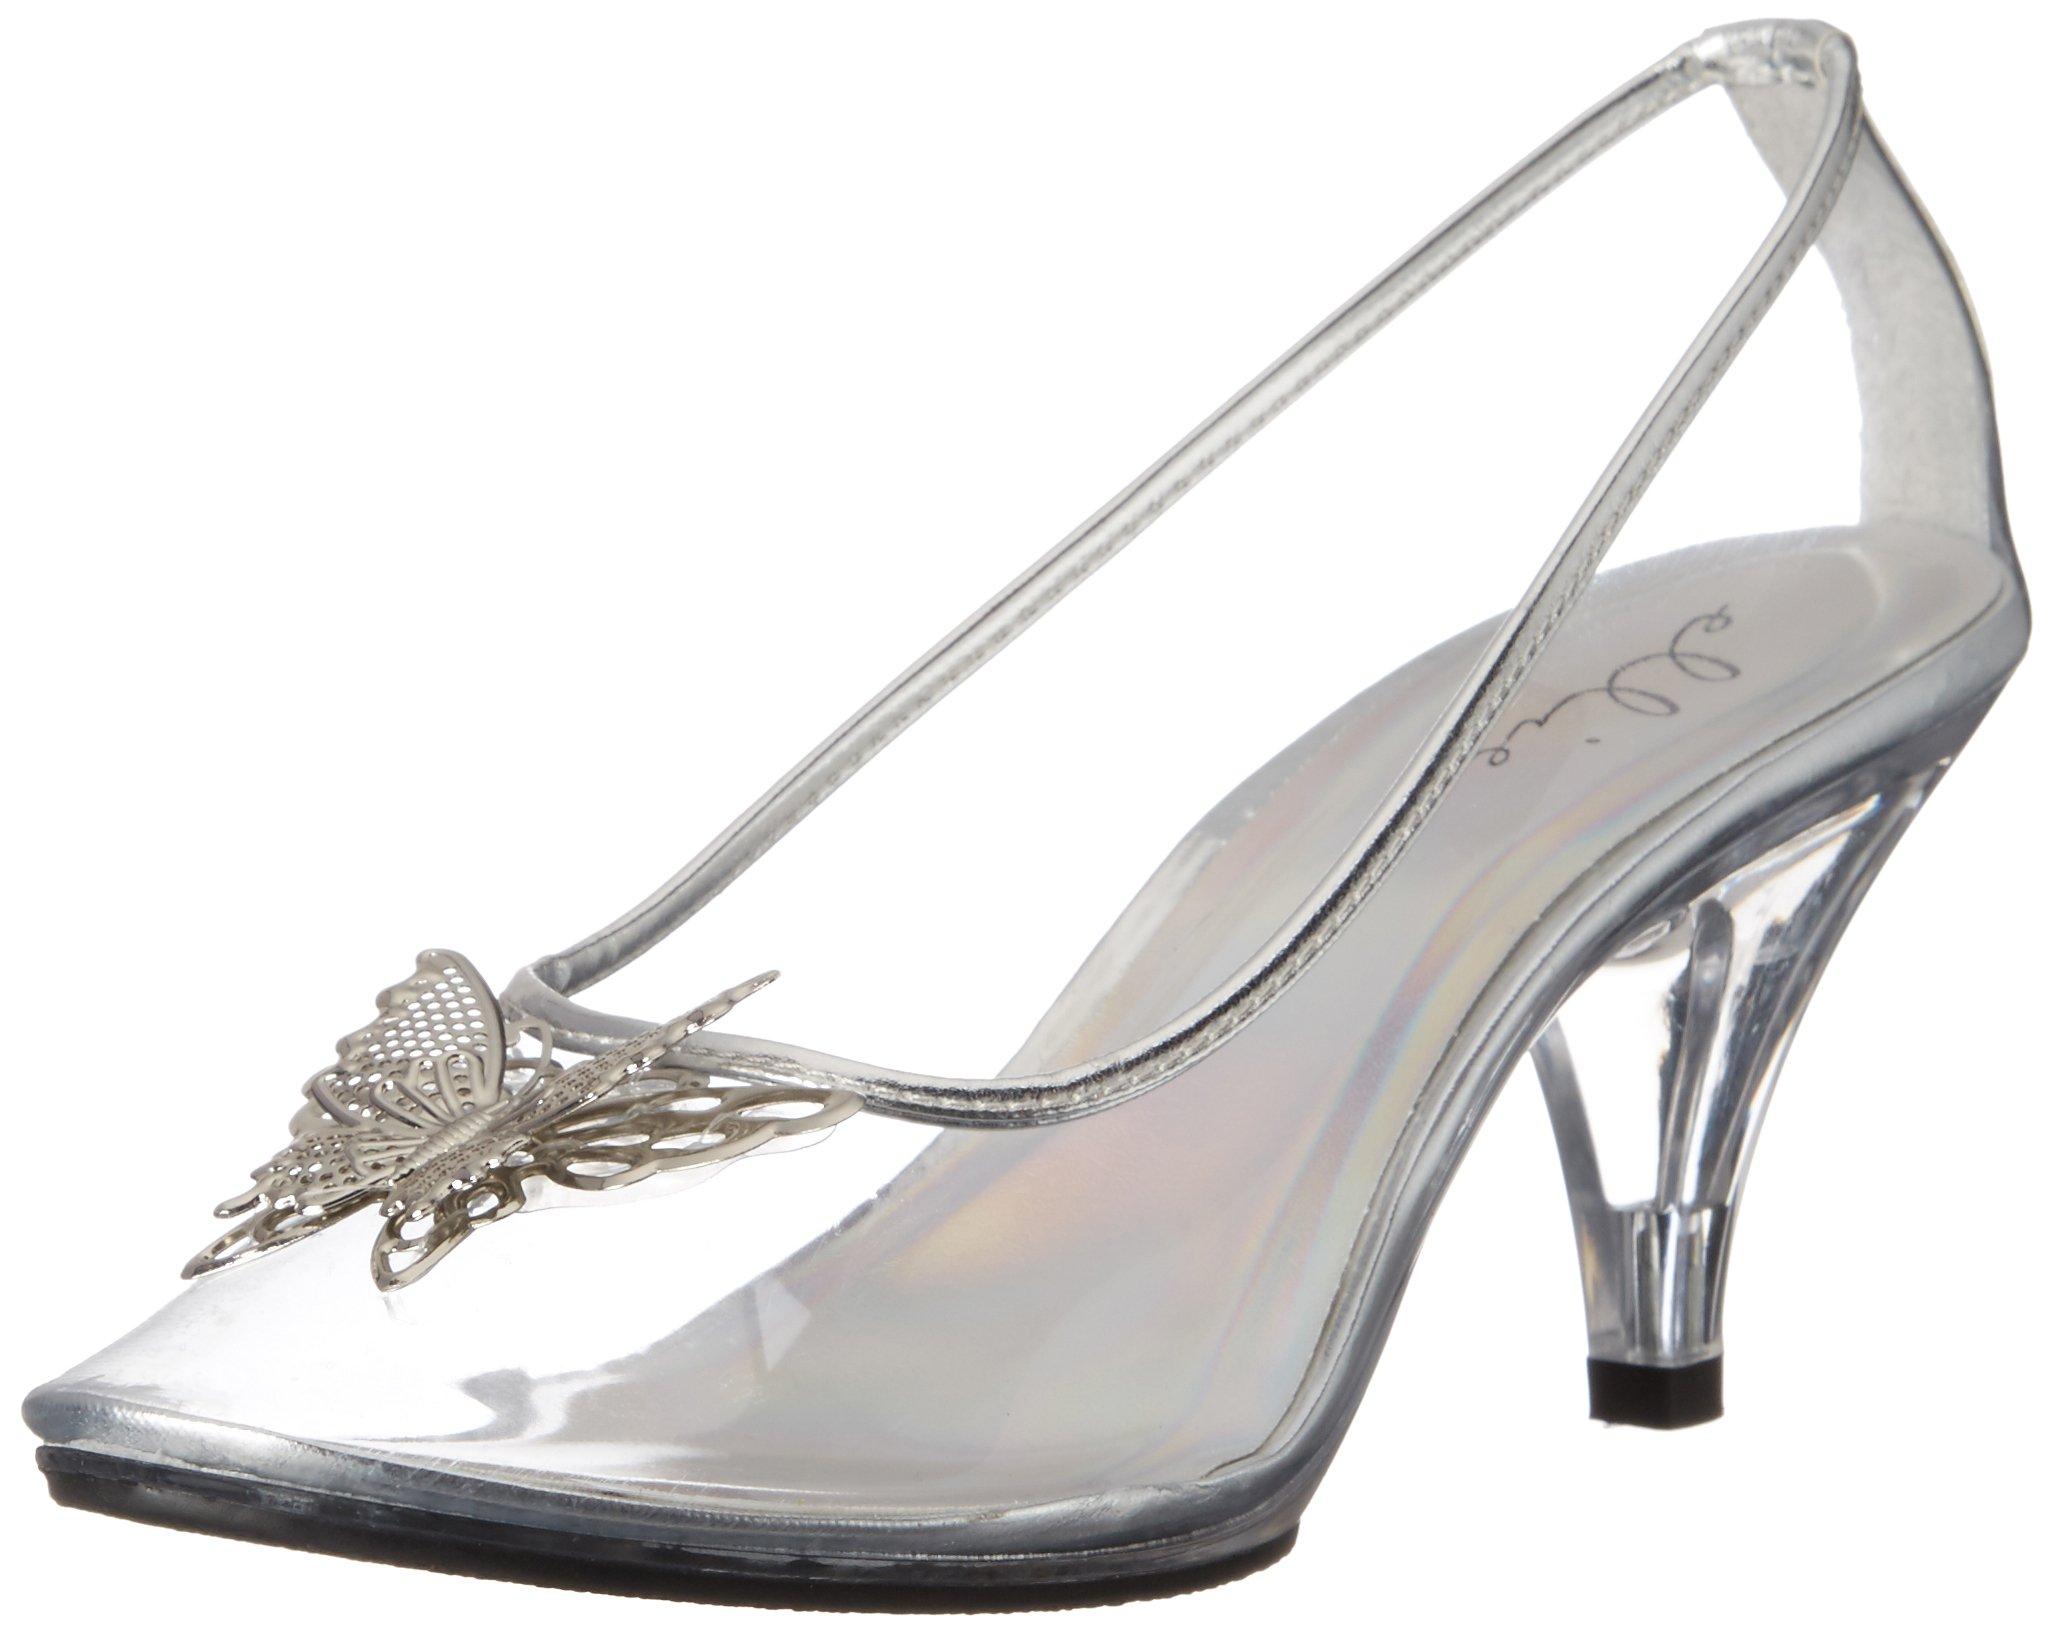 Ellie Shoes Women's 305-Cinder Dress Pump, Clear, 10 B Us